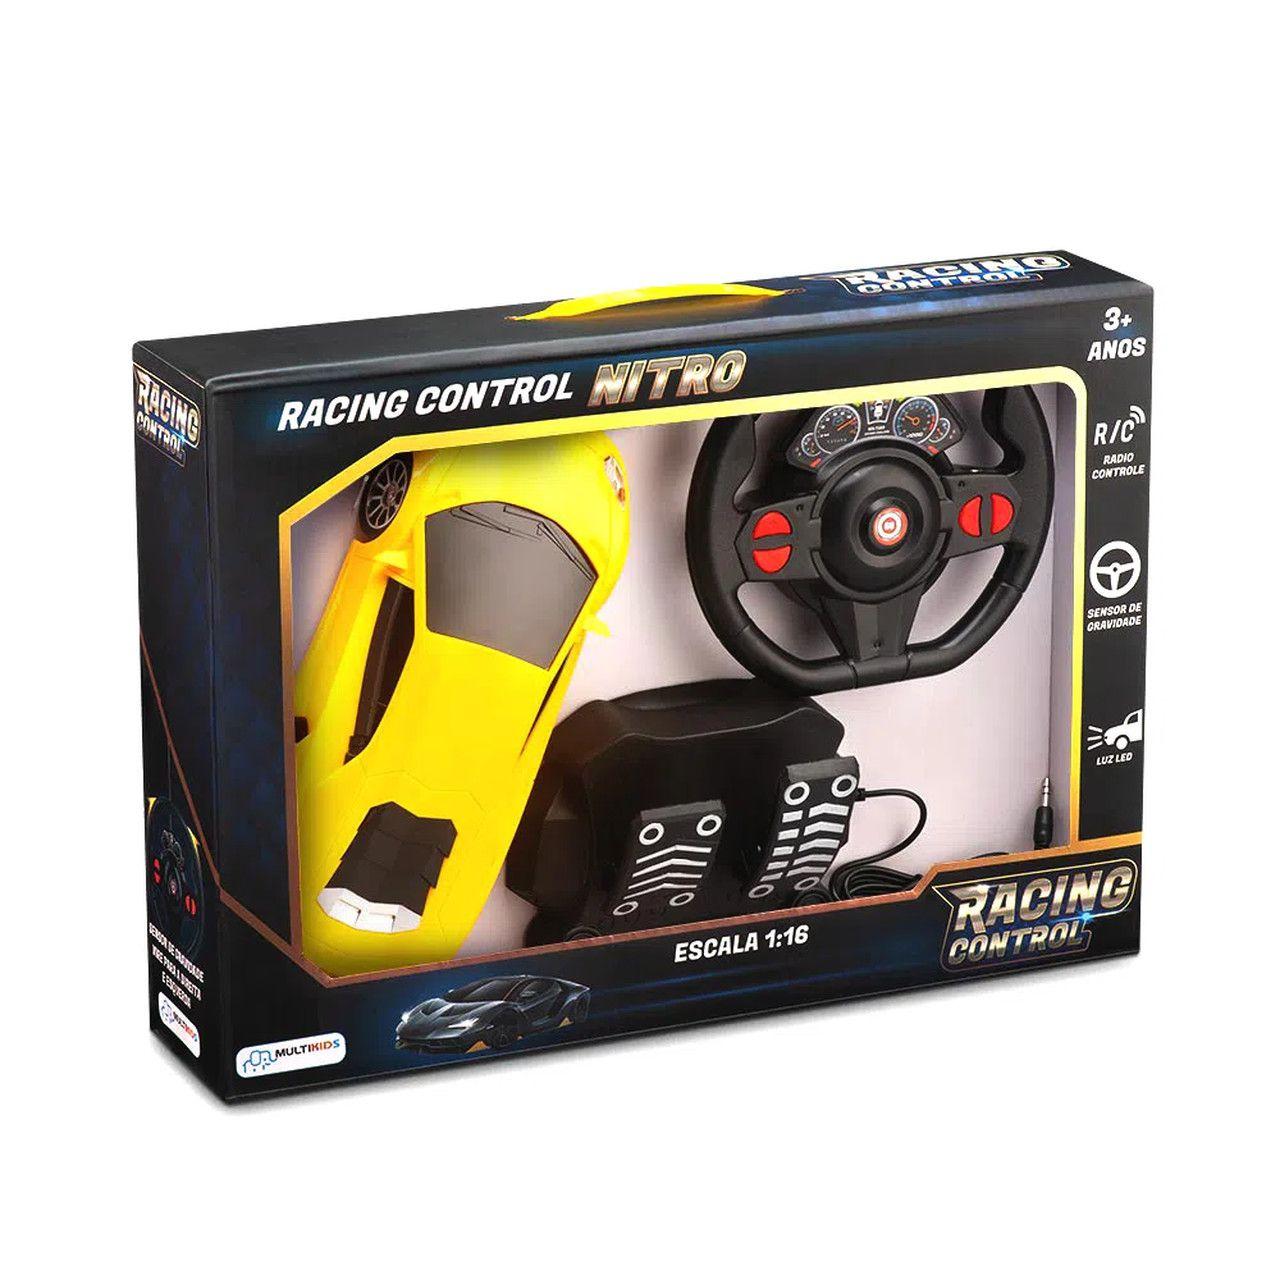 Carrinho Controle Remoto - Racing Nitro - Multikids BR1145